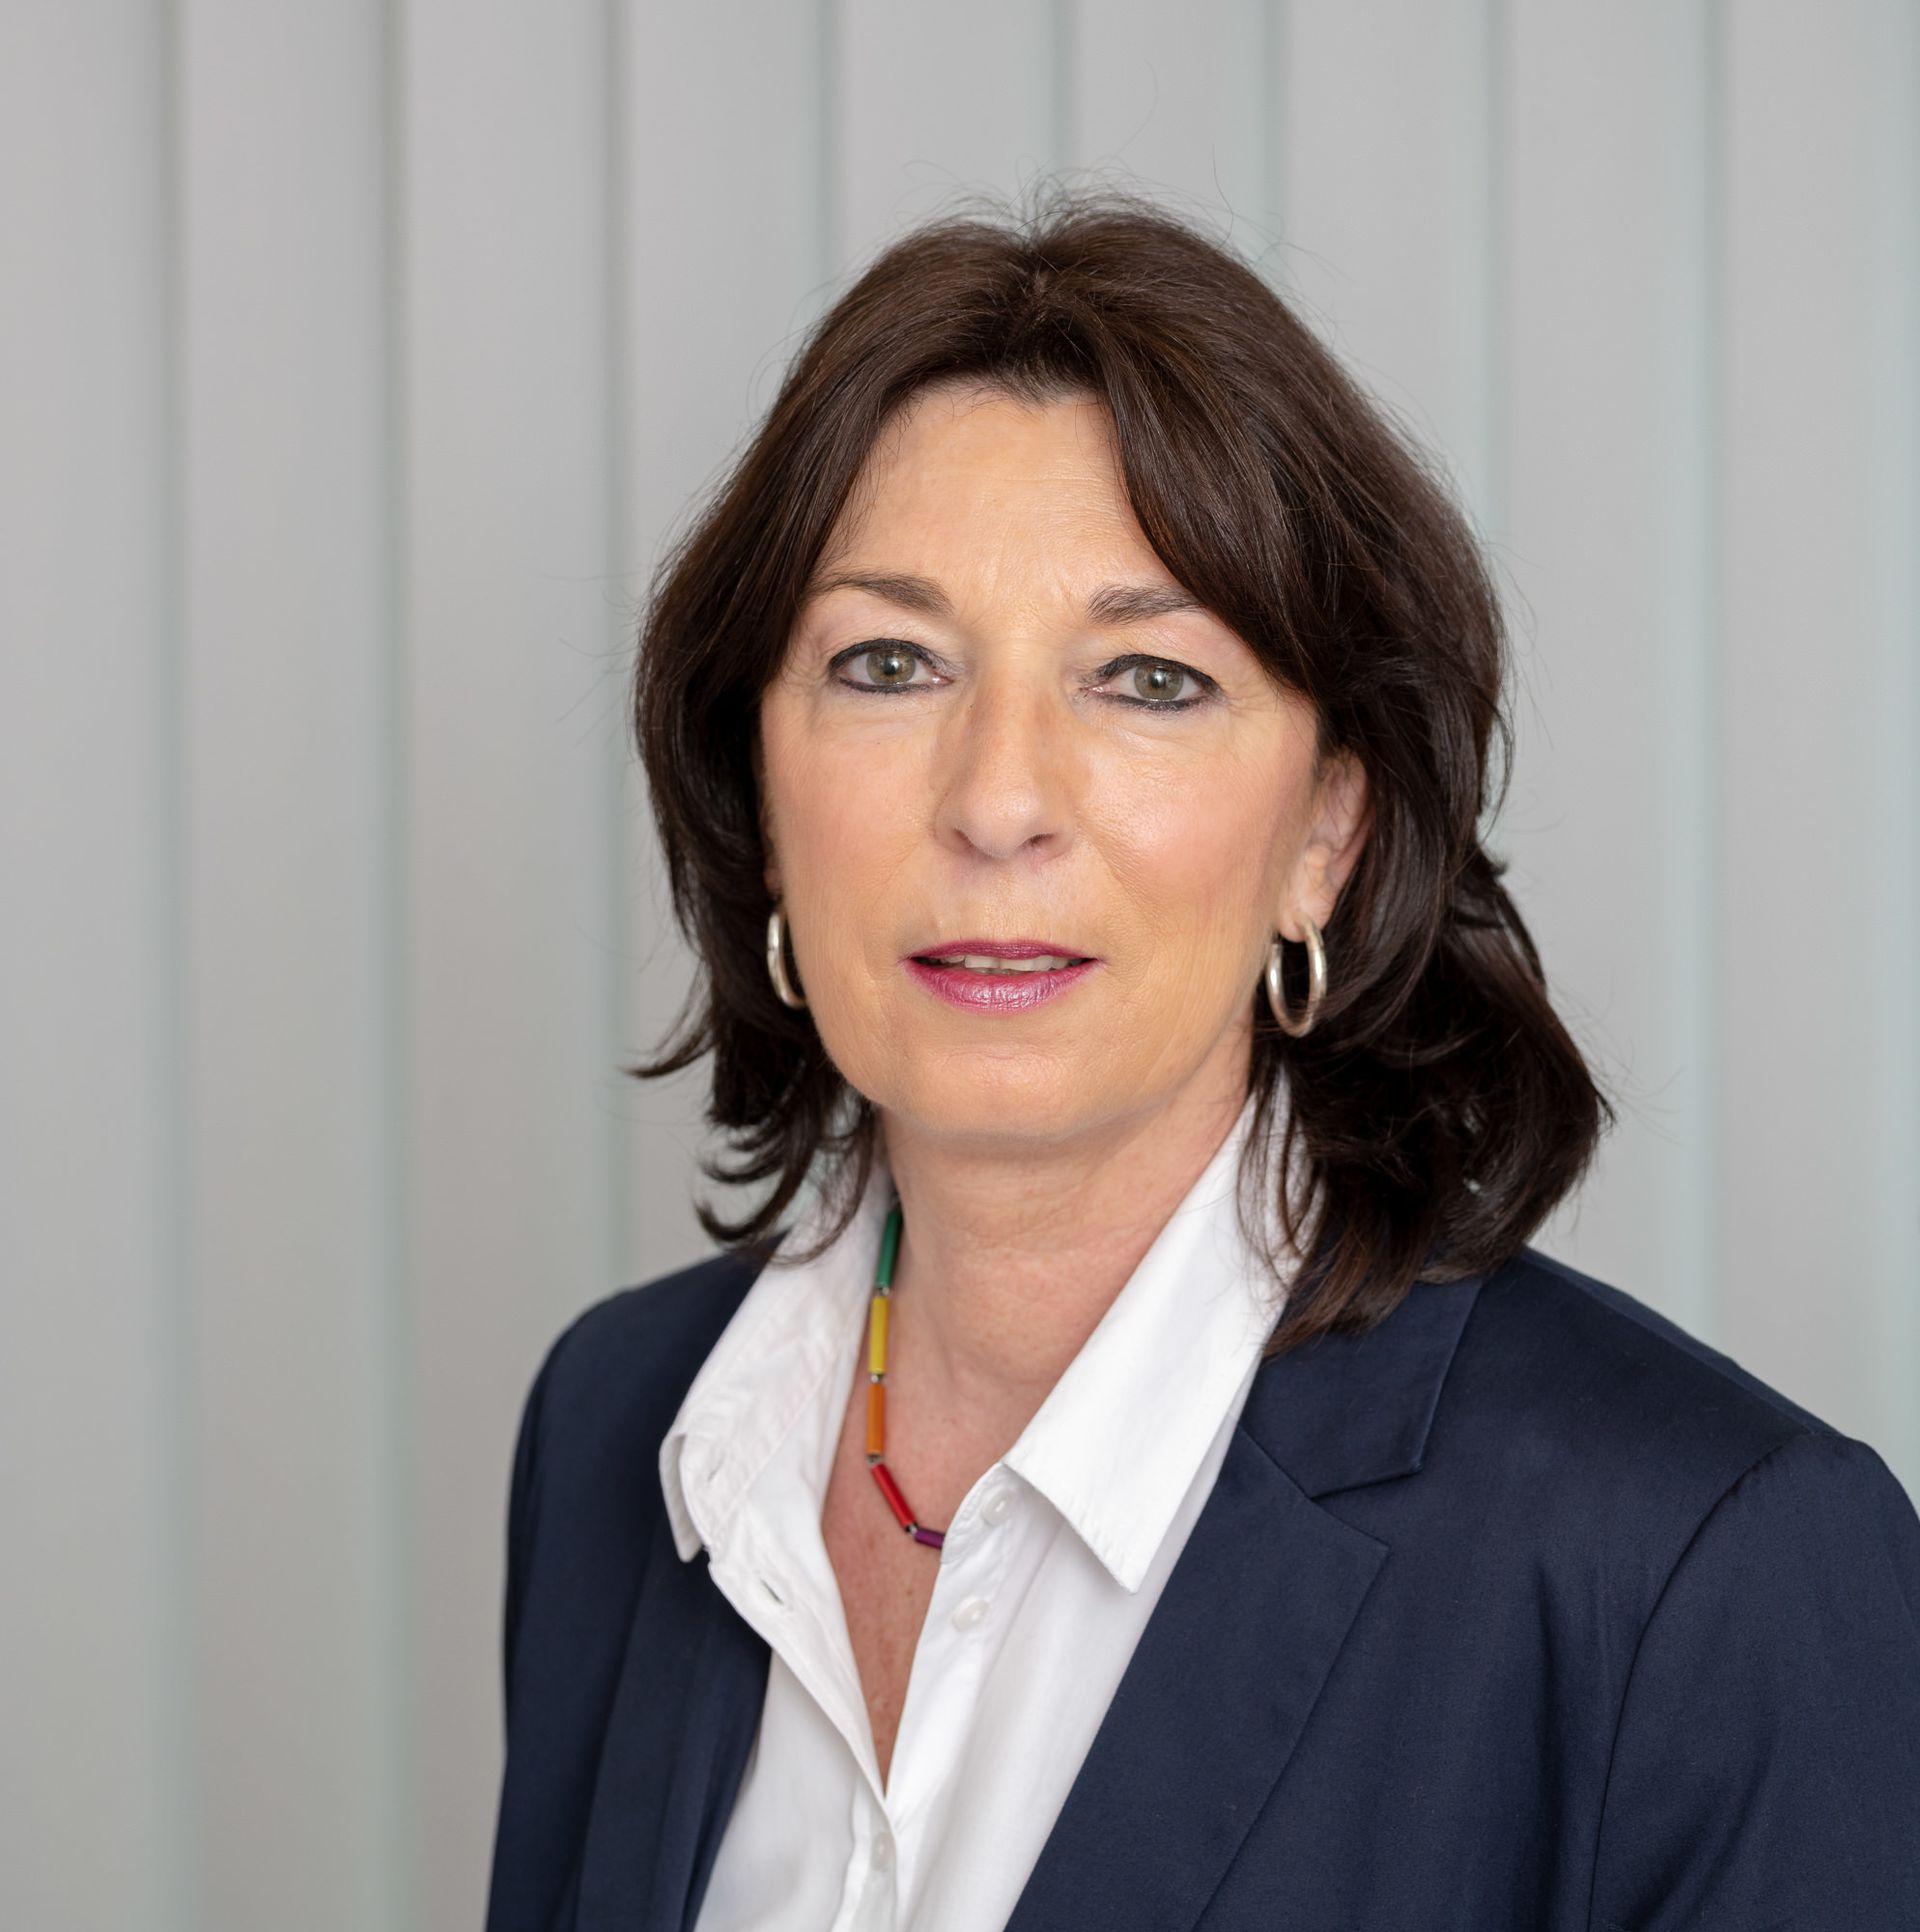 Rechtsanwältin Nicole Servaty | kanzleipraest